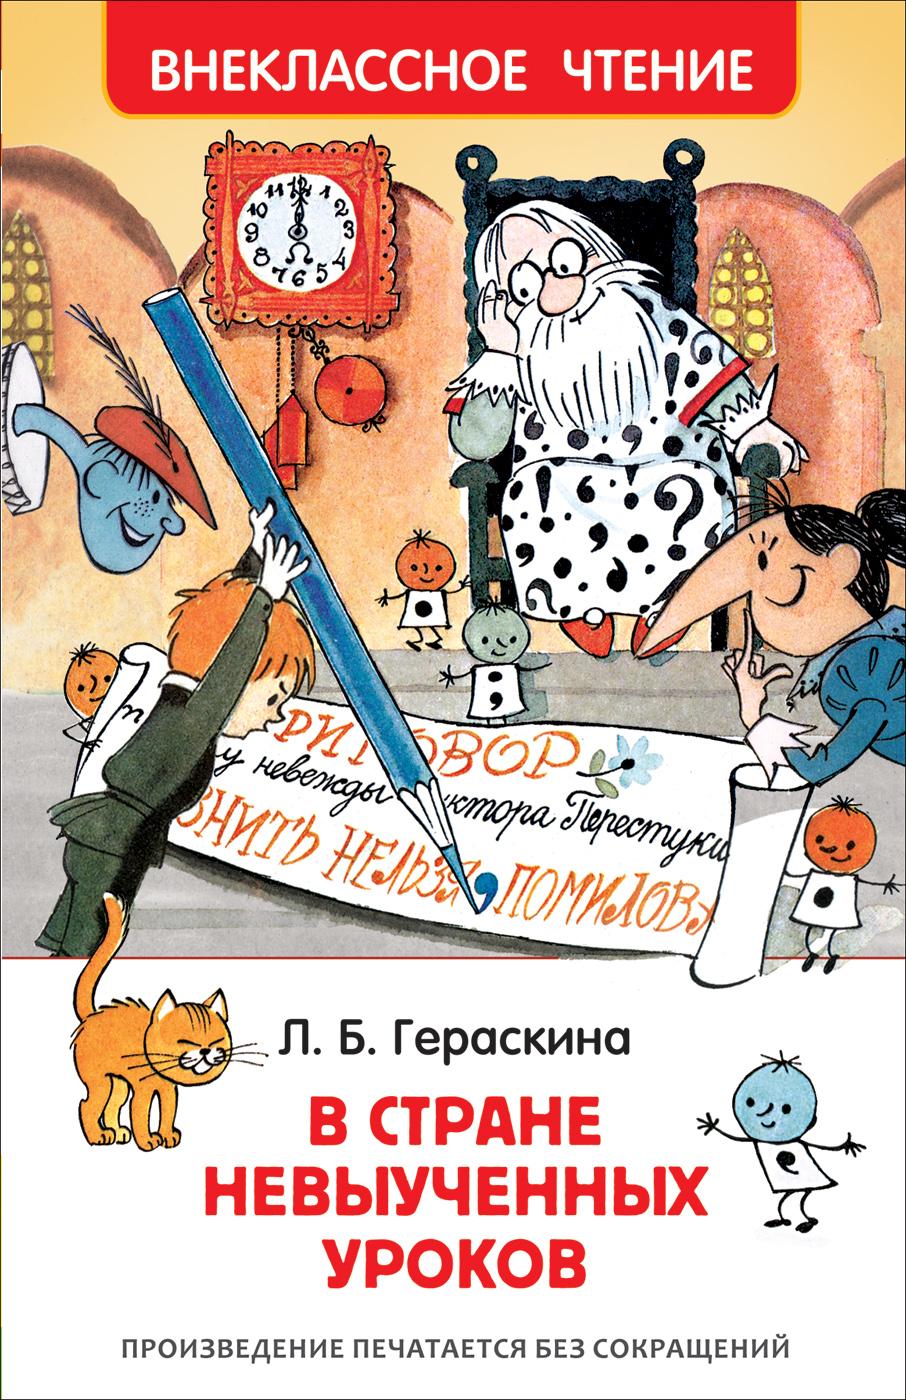 Книга Гераскина Л. - В стране невыученных уроков из серии Внеклассное чтениеВнеклассное чтение 6+<br>Книга Гераскина Л. - В стране невыученных уроков из серии Внеклассное чтение<br>